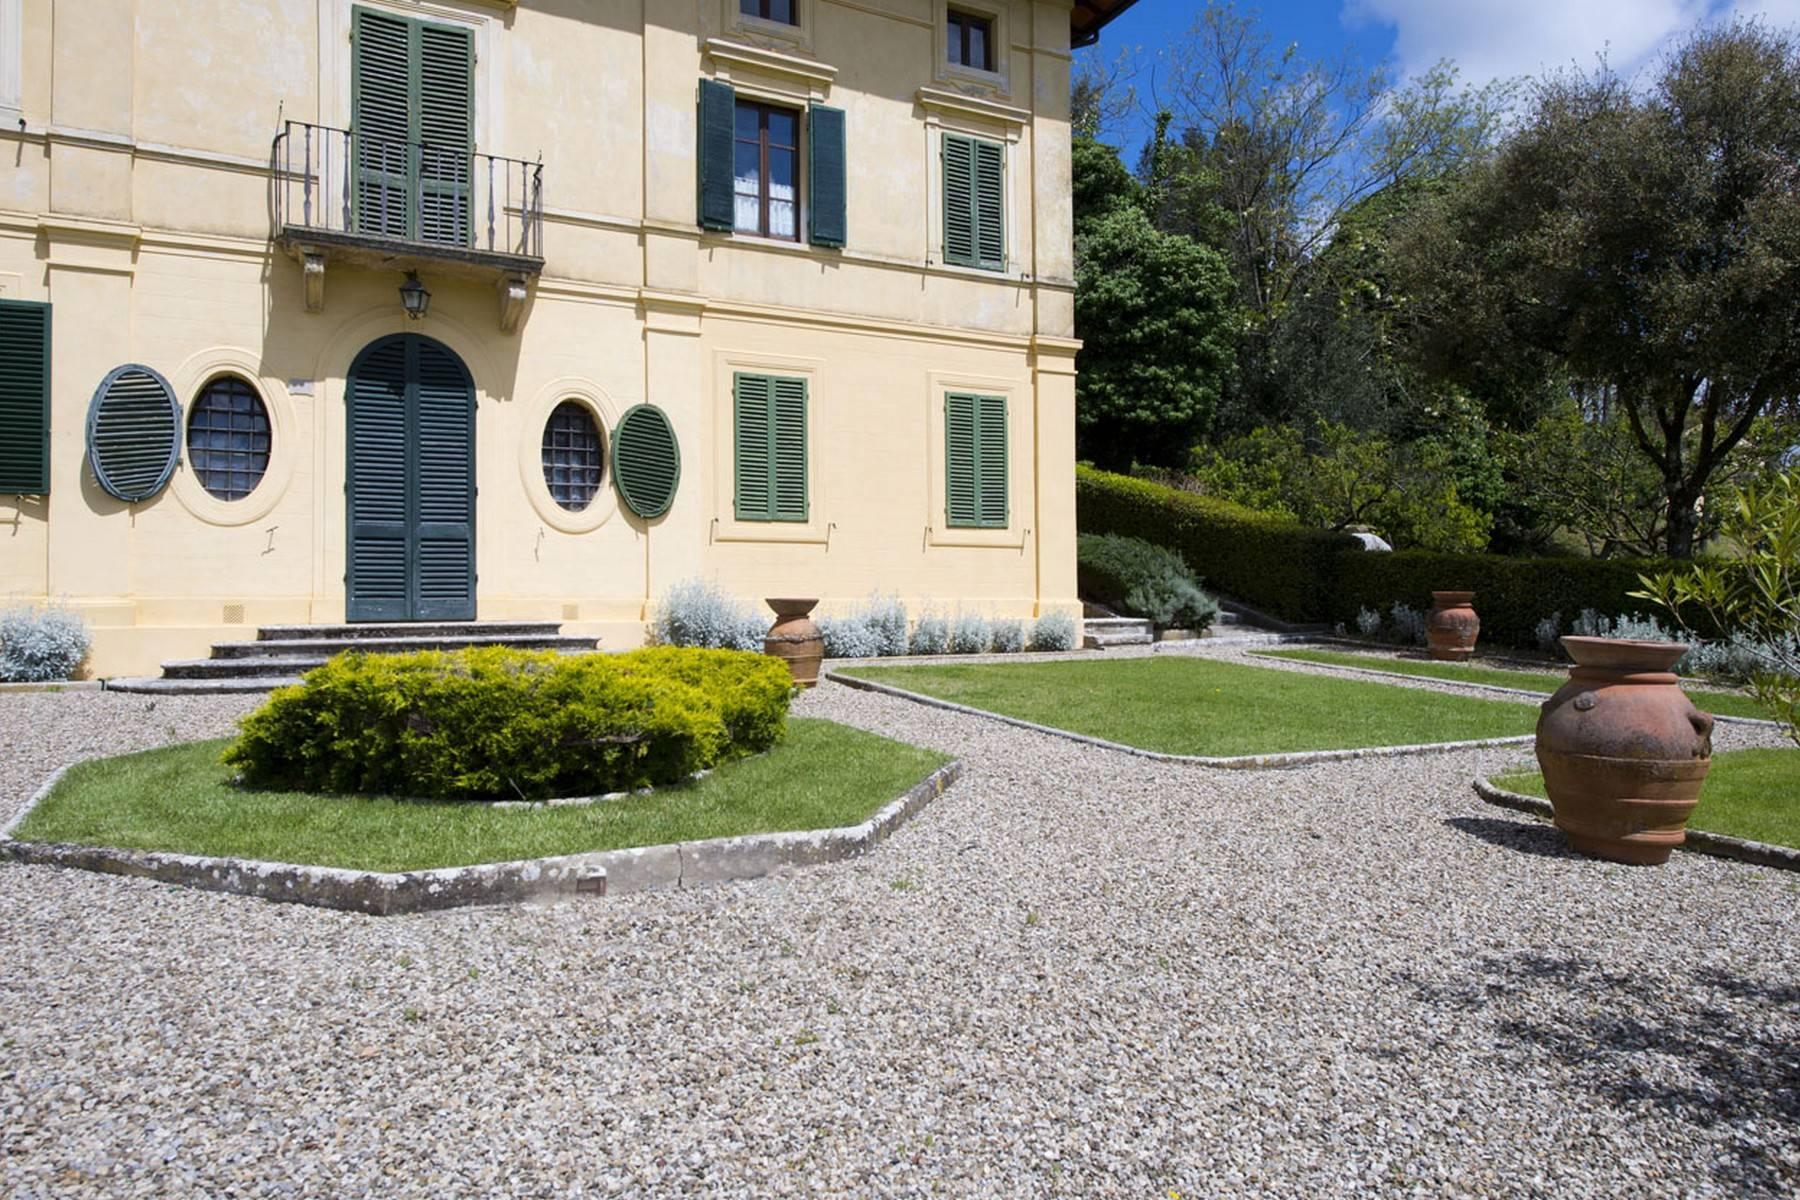 Spettacolare Villa Aristocratica alle Porte di Siena - 3